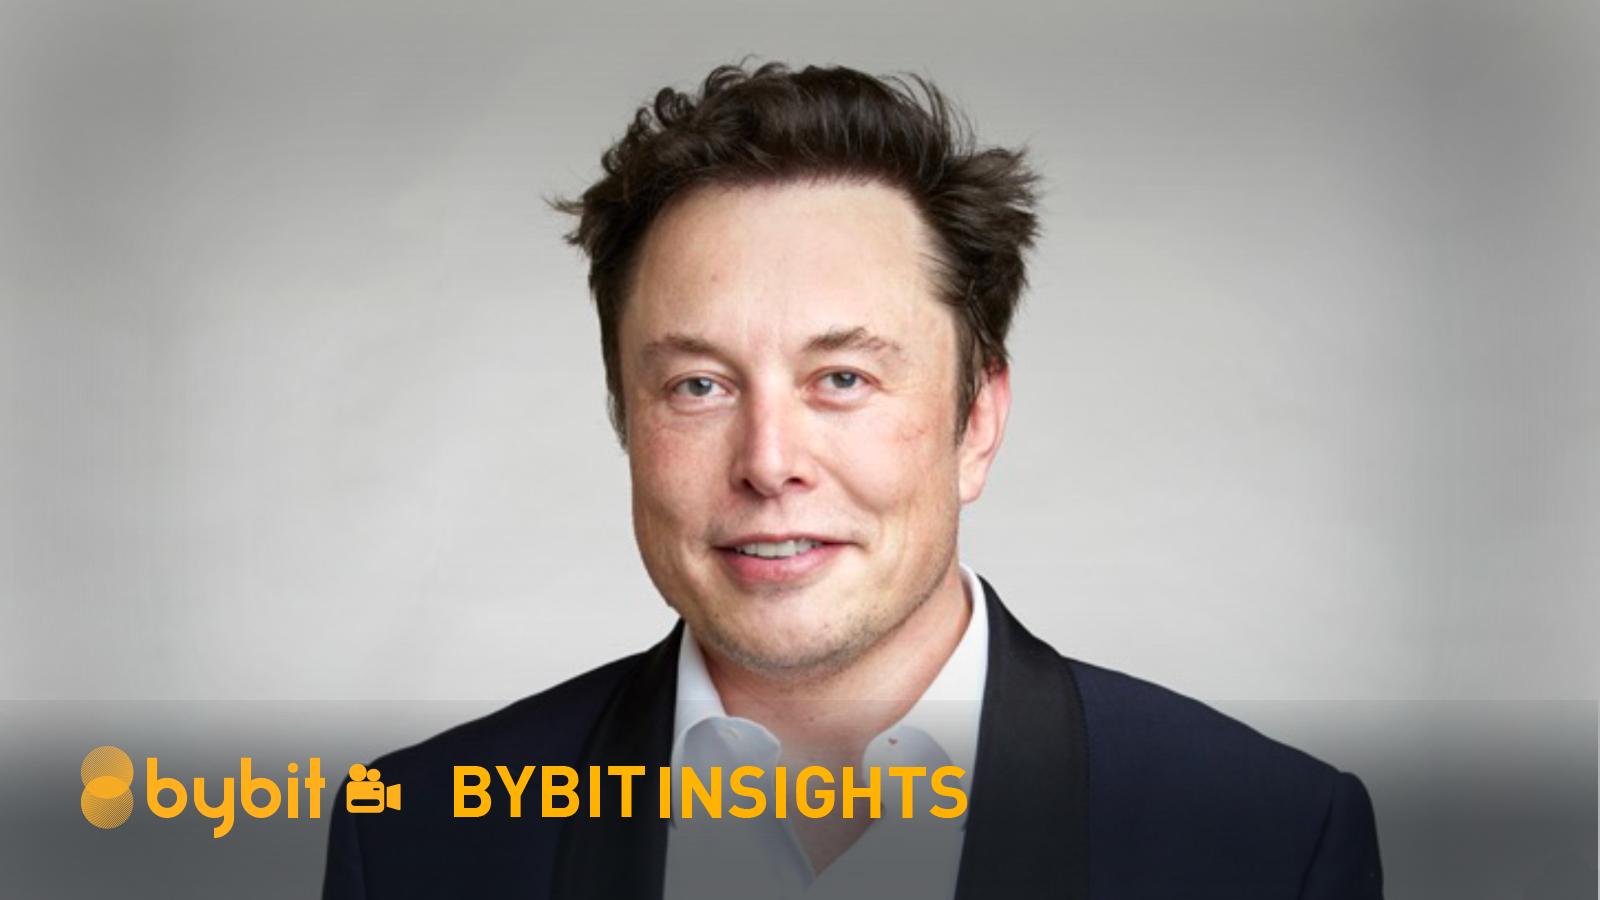 Bybit Insights - Elon Musk